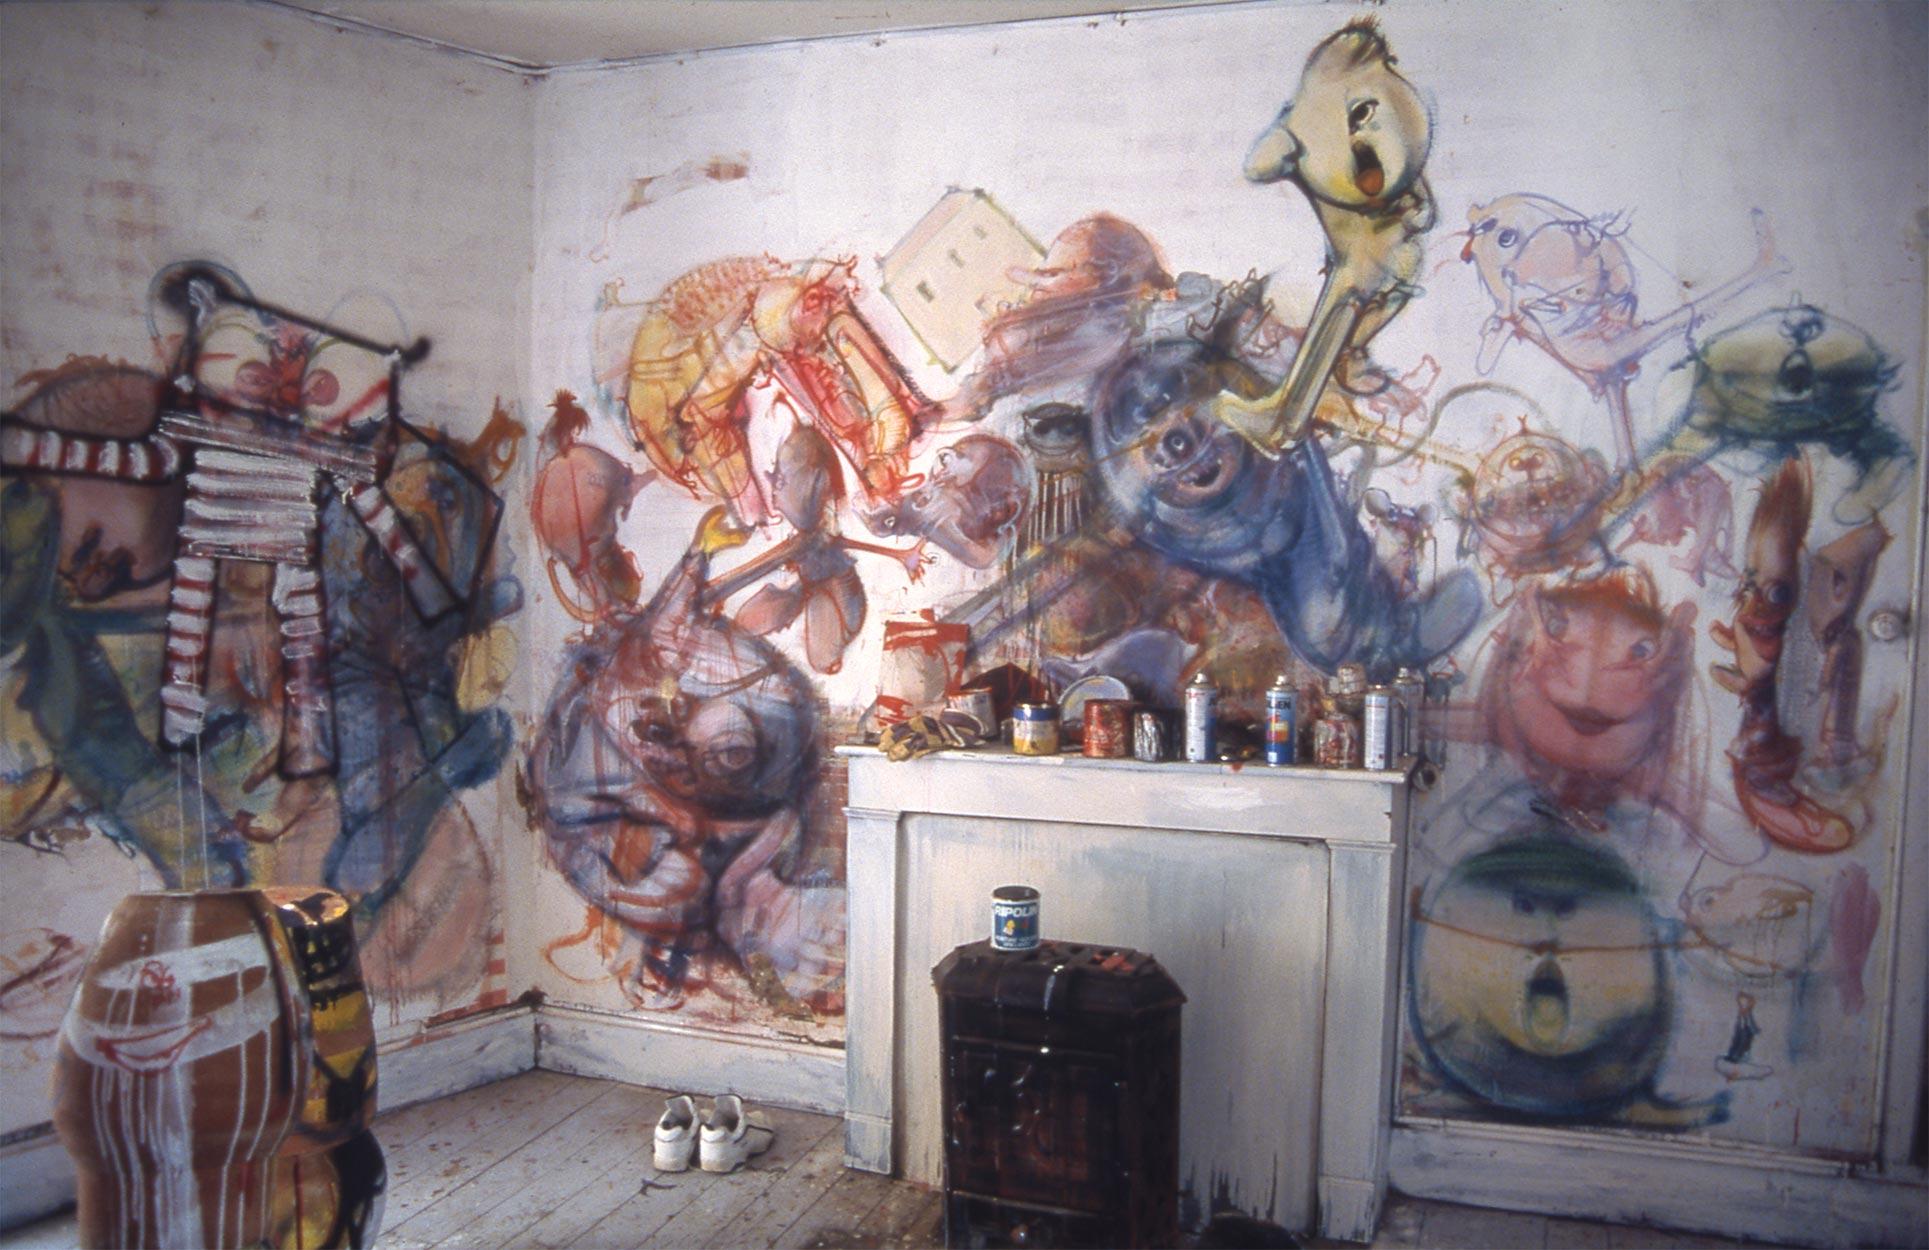 Murals at Bez-de-Naussac